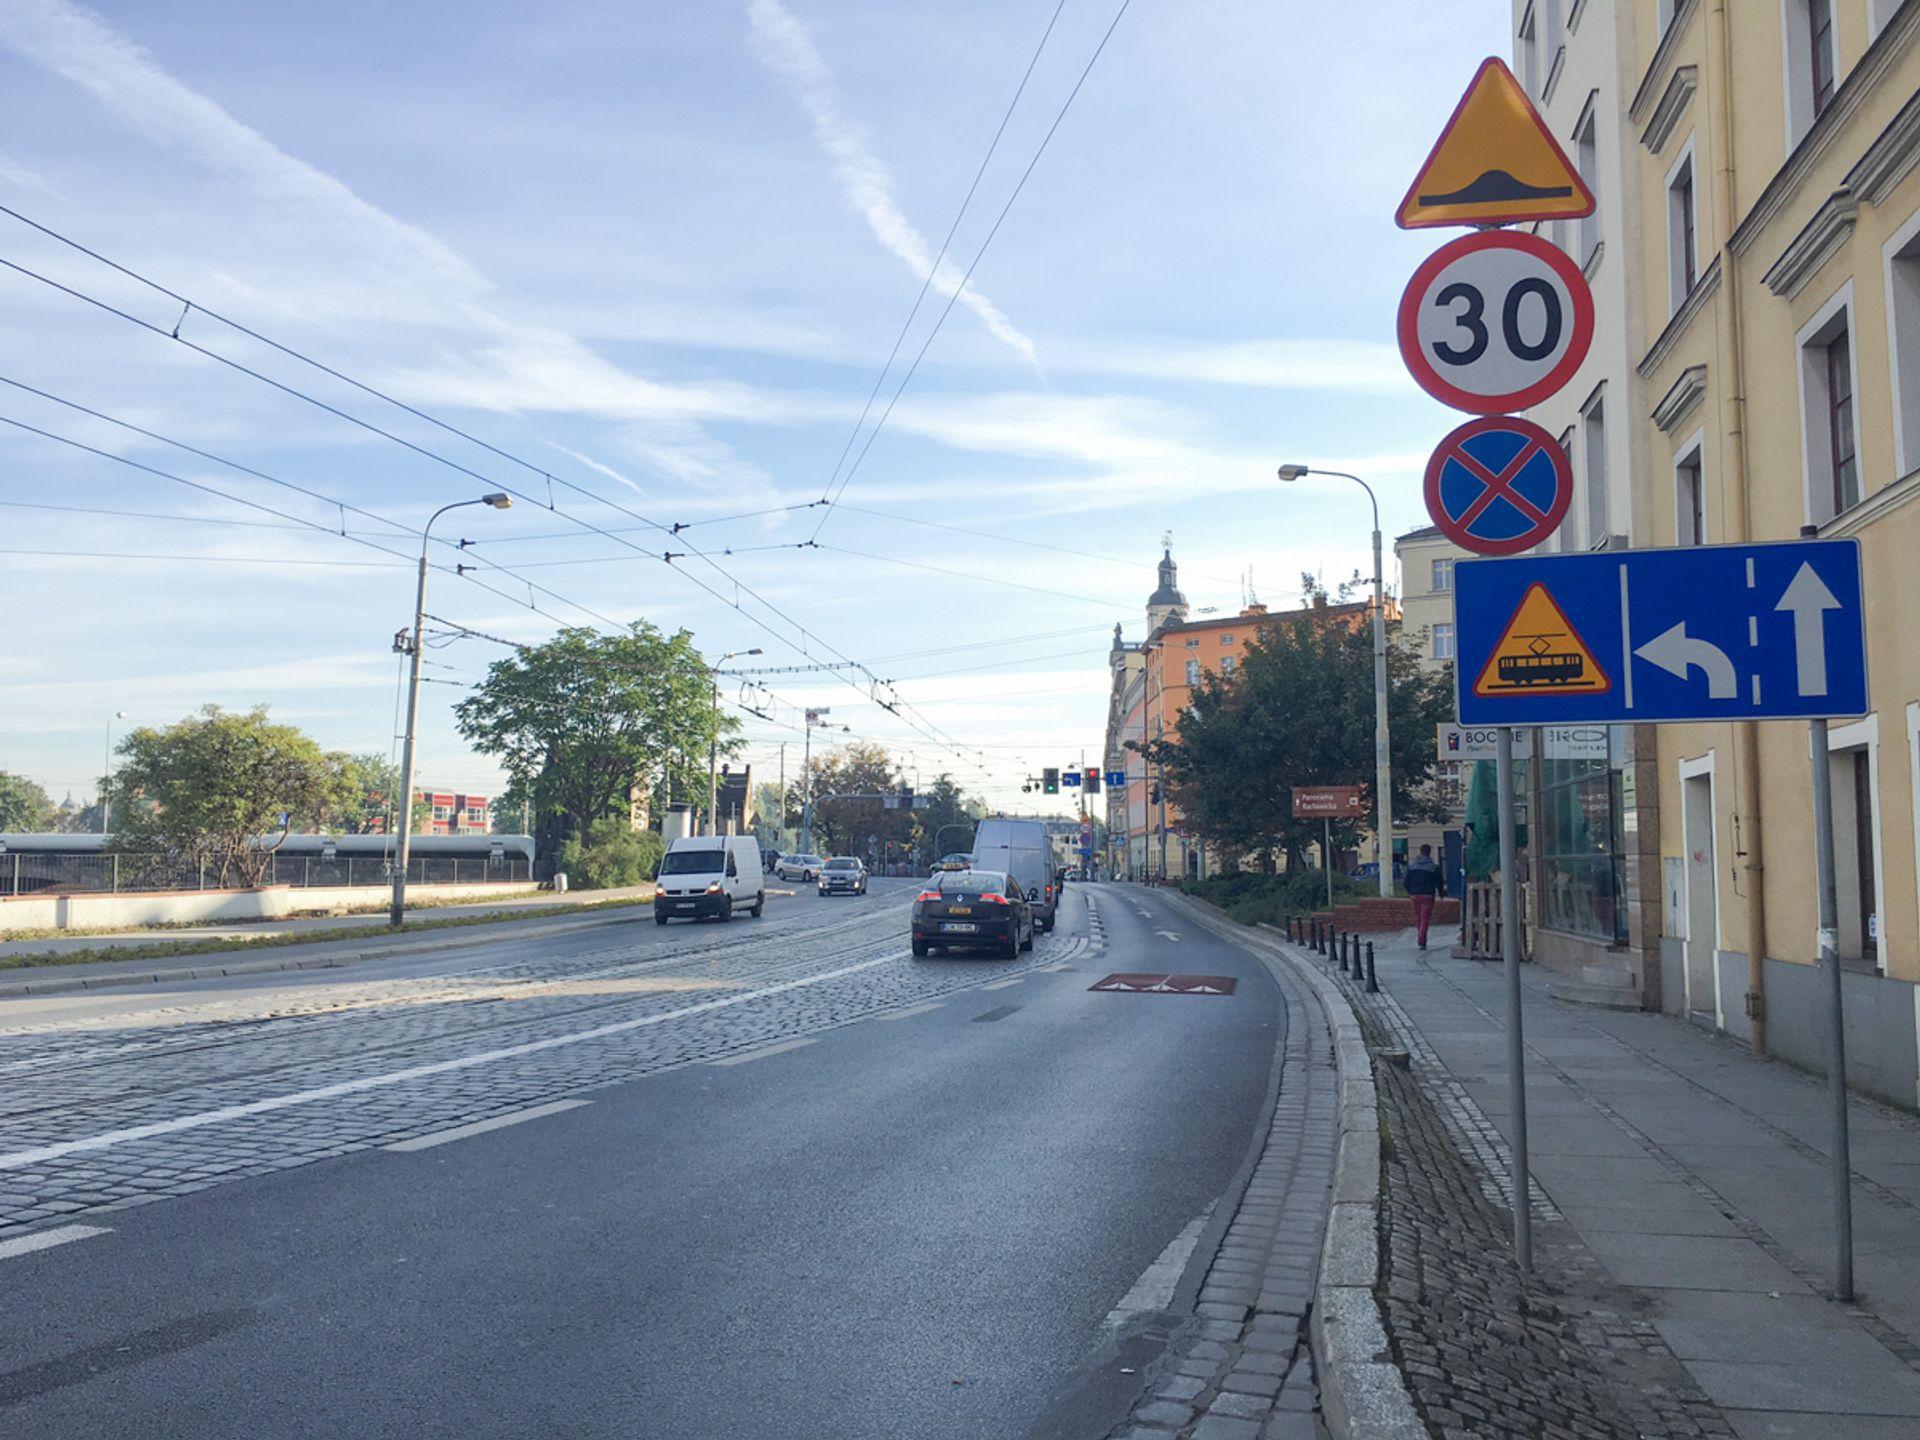 [Wrocław] Kierowcy na Grodzkiej pojadą wolniej. Jest ograniczenie prędkości i progi